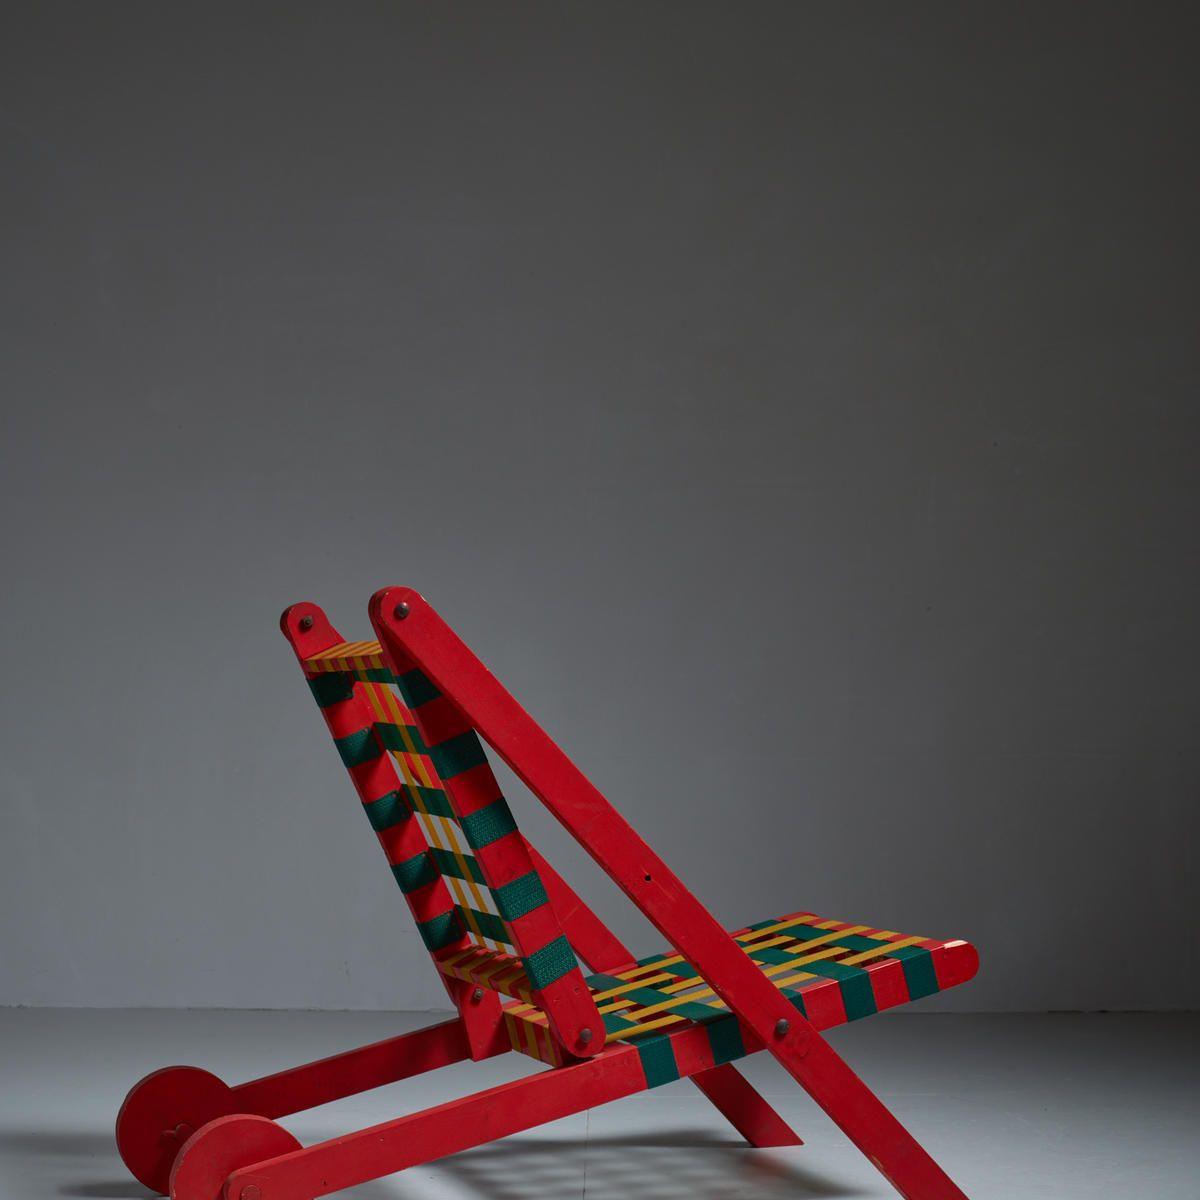 Easybild folding red wood indoor outdoor lounge chair